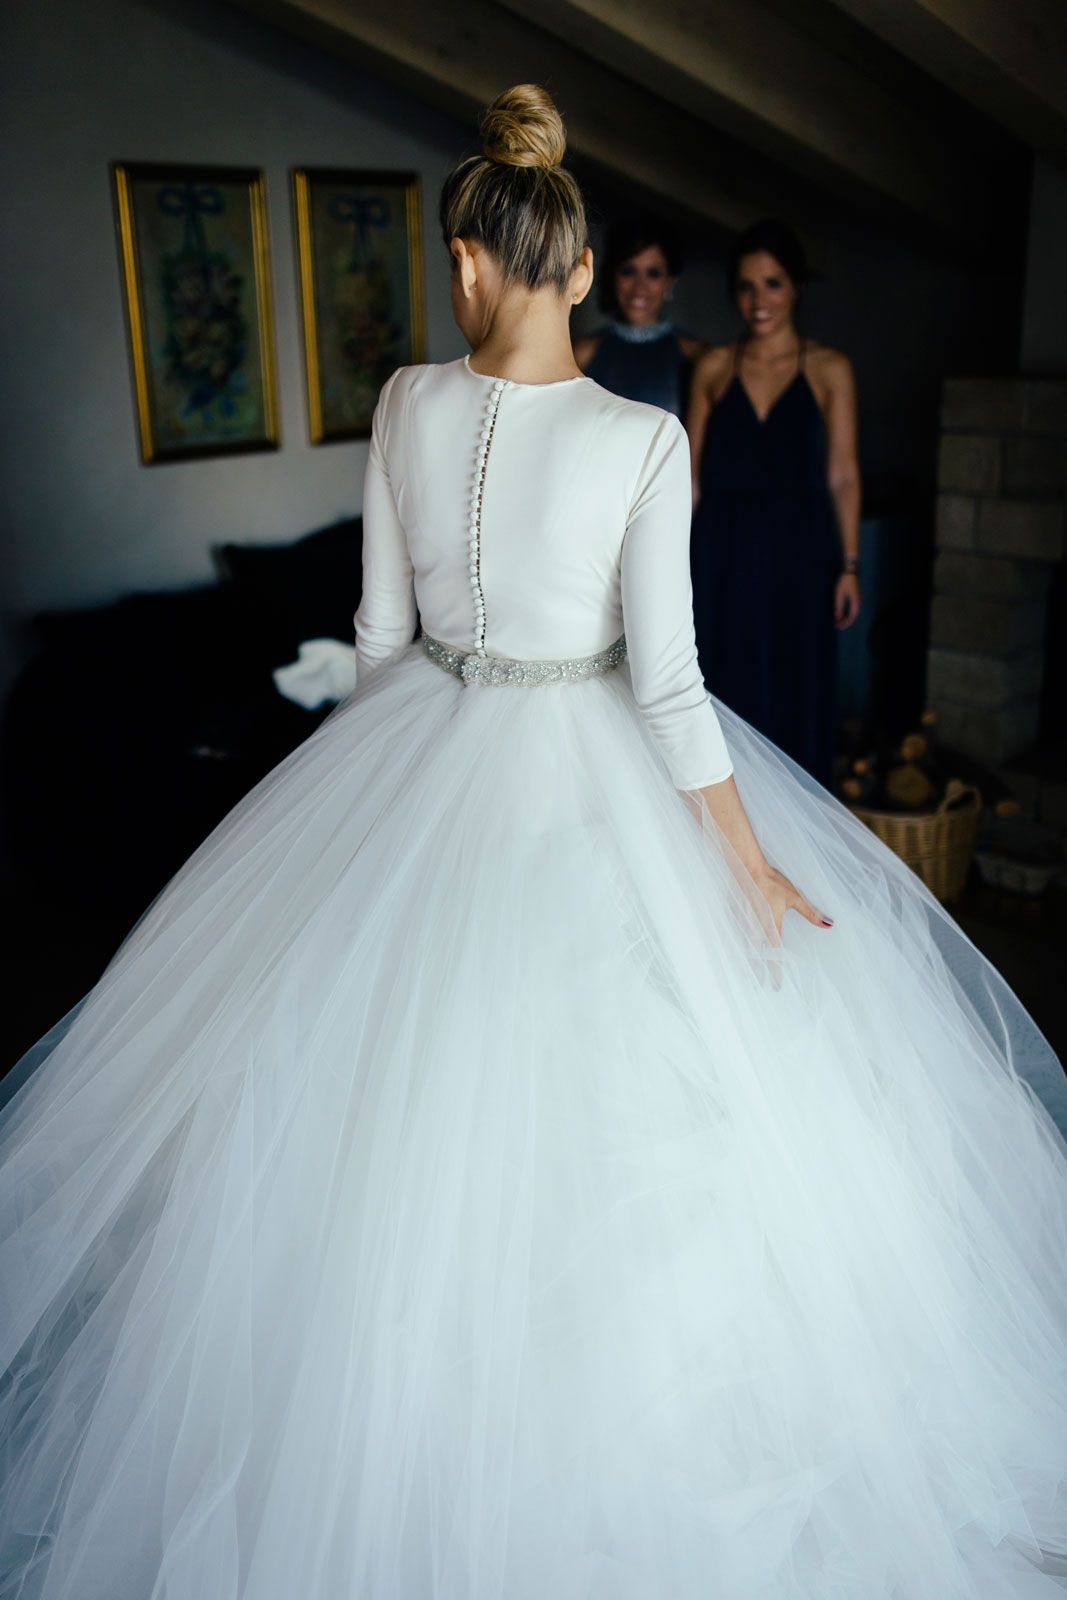 Fantastic Vestidos De Novia Baratos Malaga Photos - Wedding Ideas ...